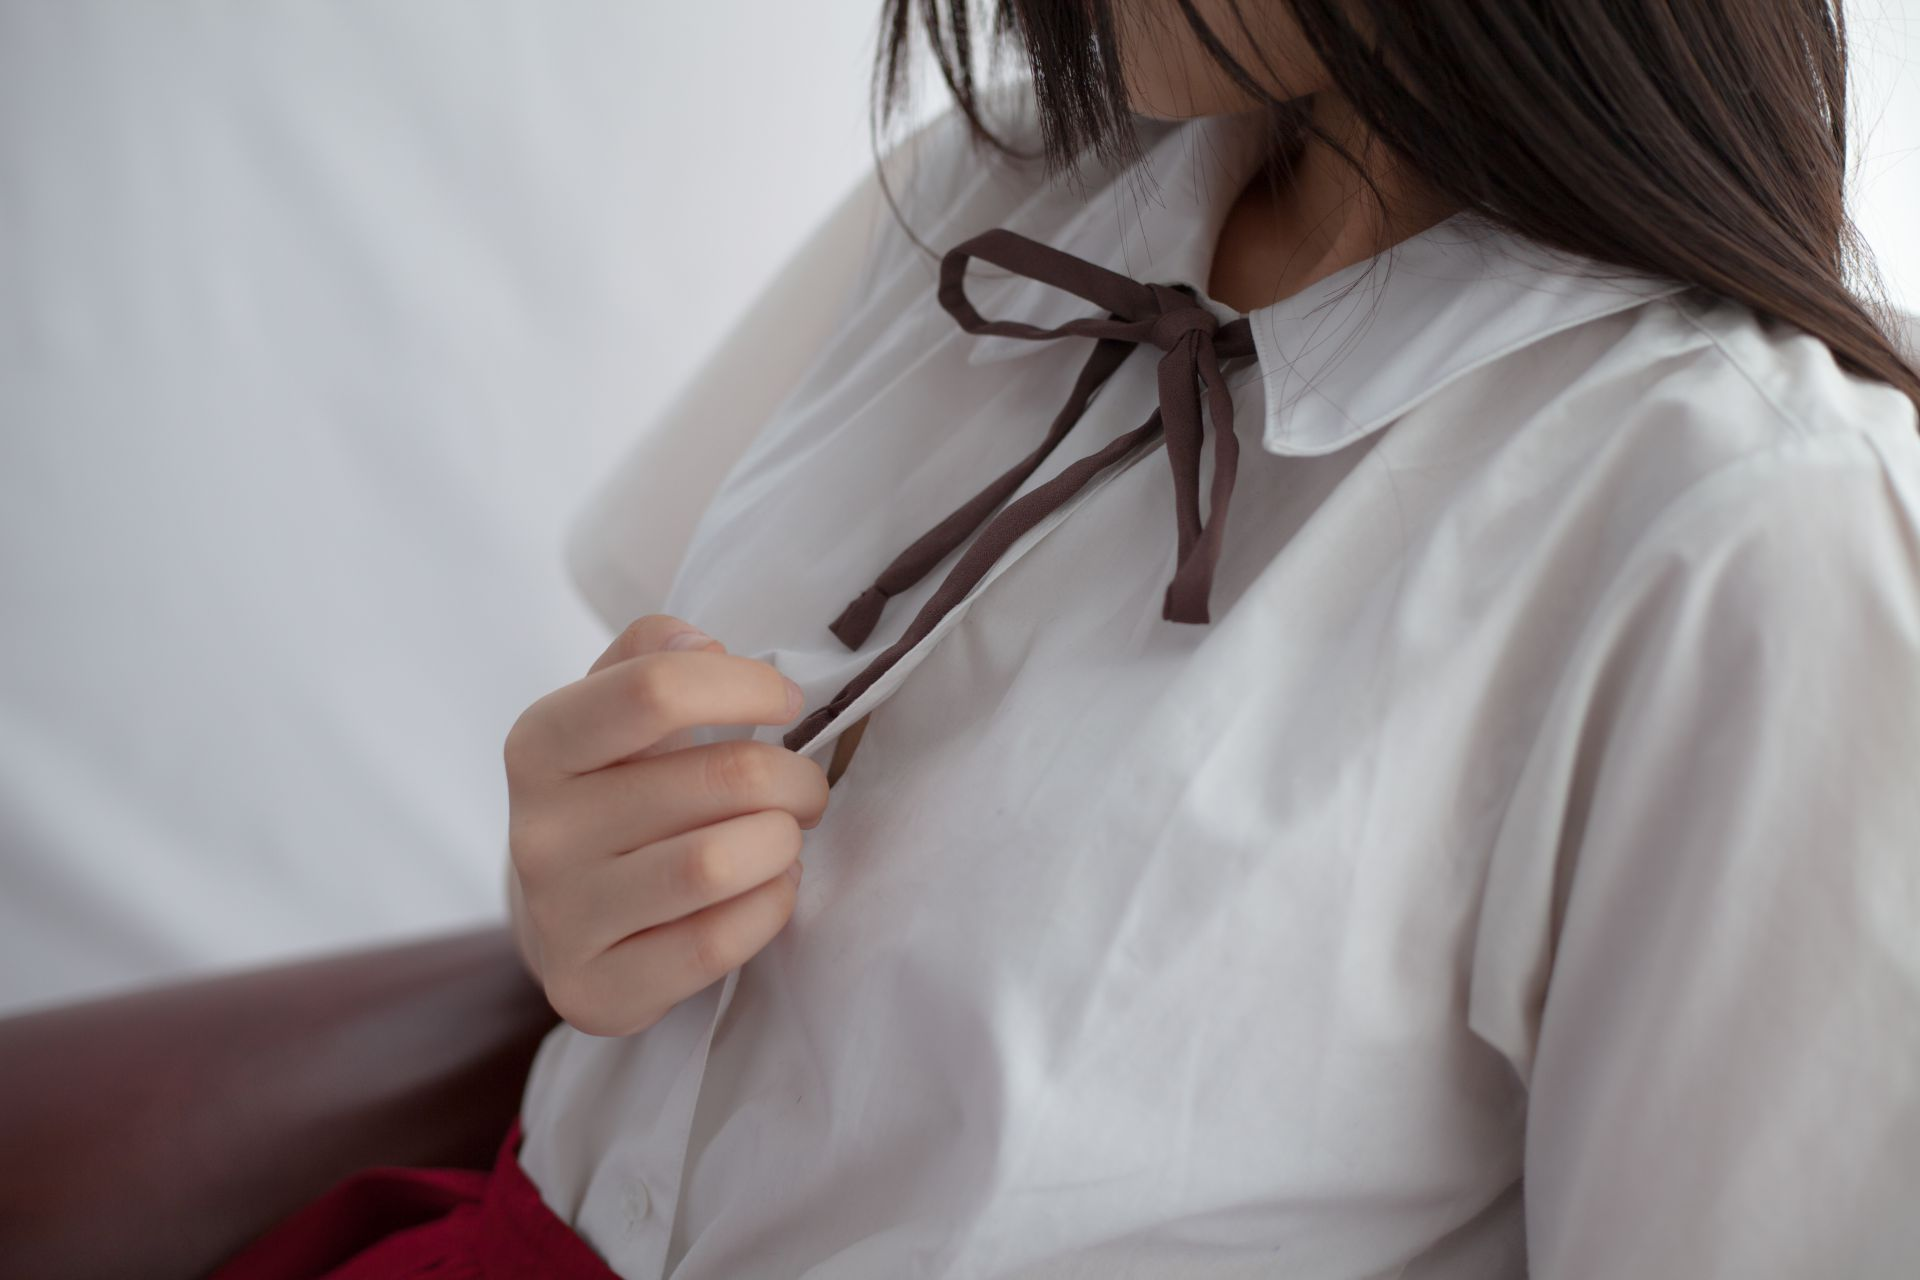 少女秩序 VOL.004 艳丽的小红裙 兔玩映画 第14张